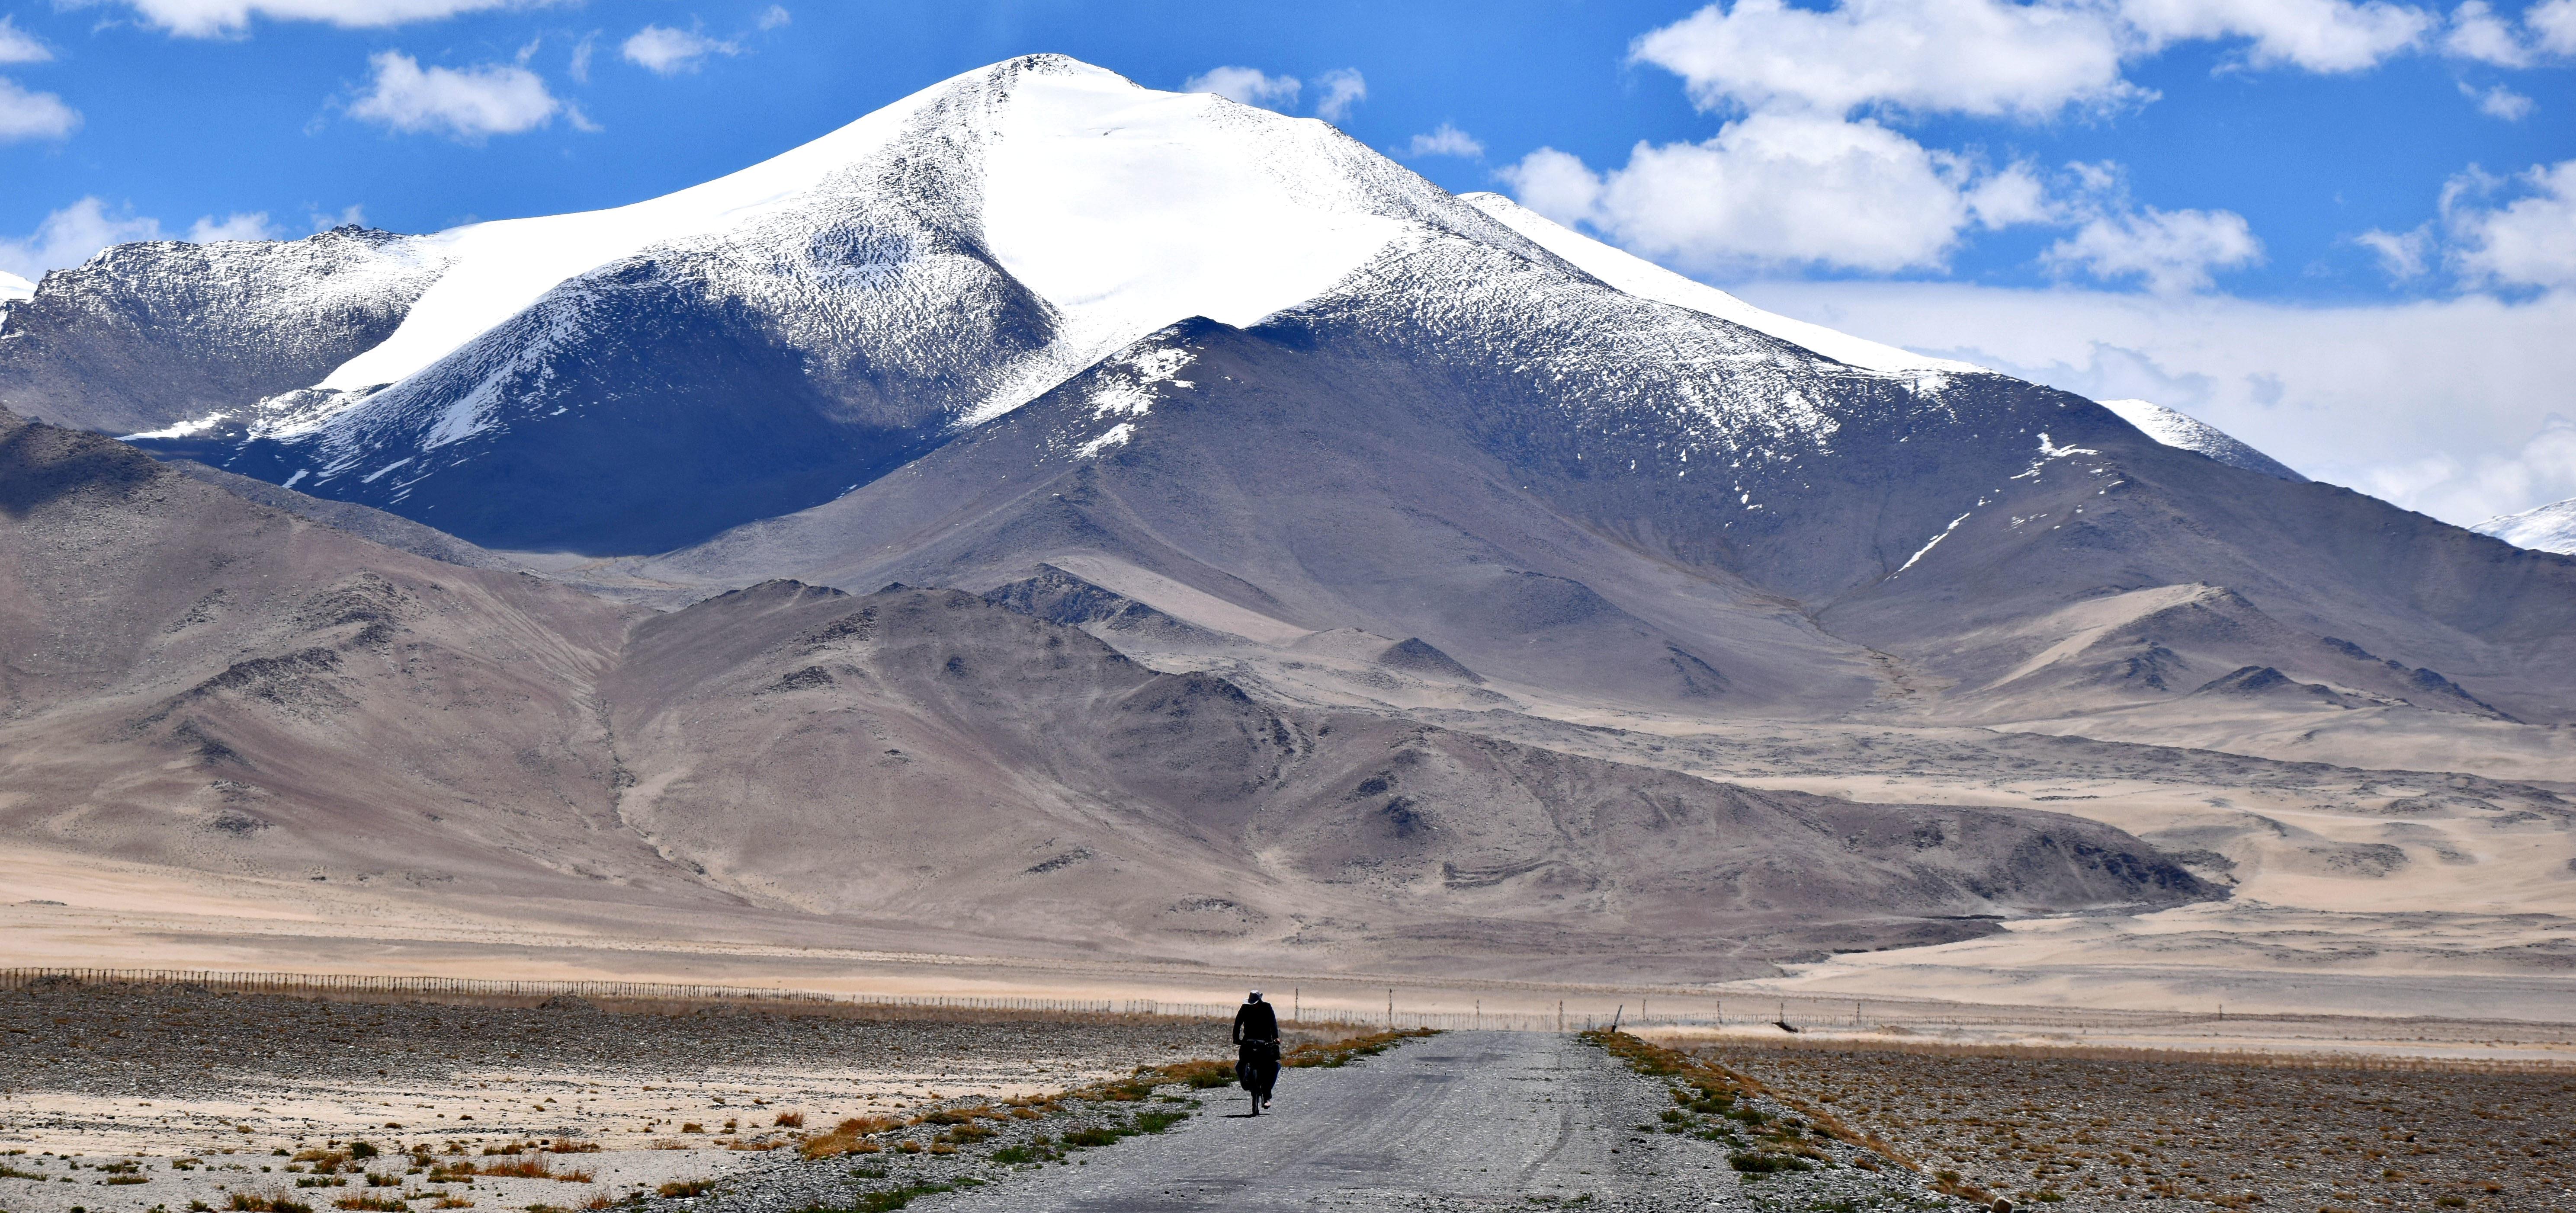 Wyprawa szlakiem Pamir Highway od kuchni [foto]